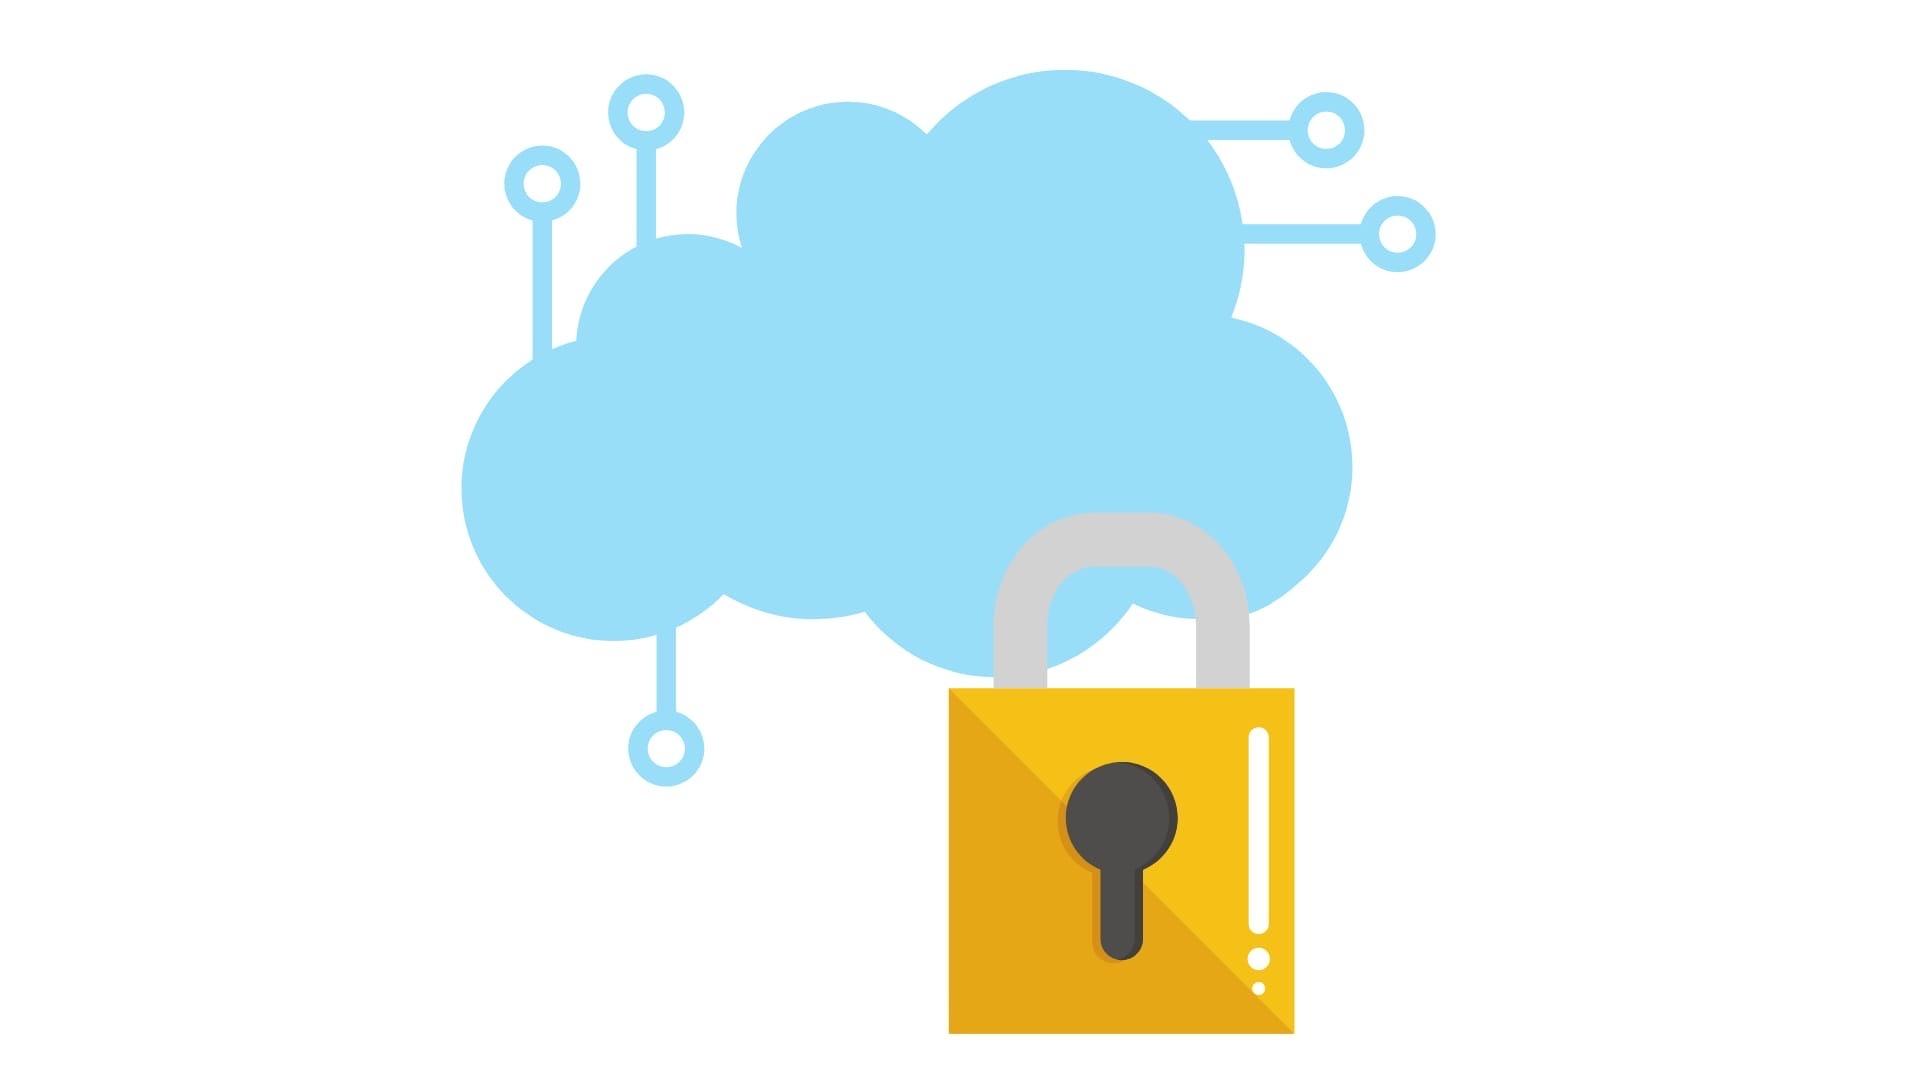 Роль технологий в страховании: кибербезопасность и облачные хранилища